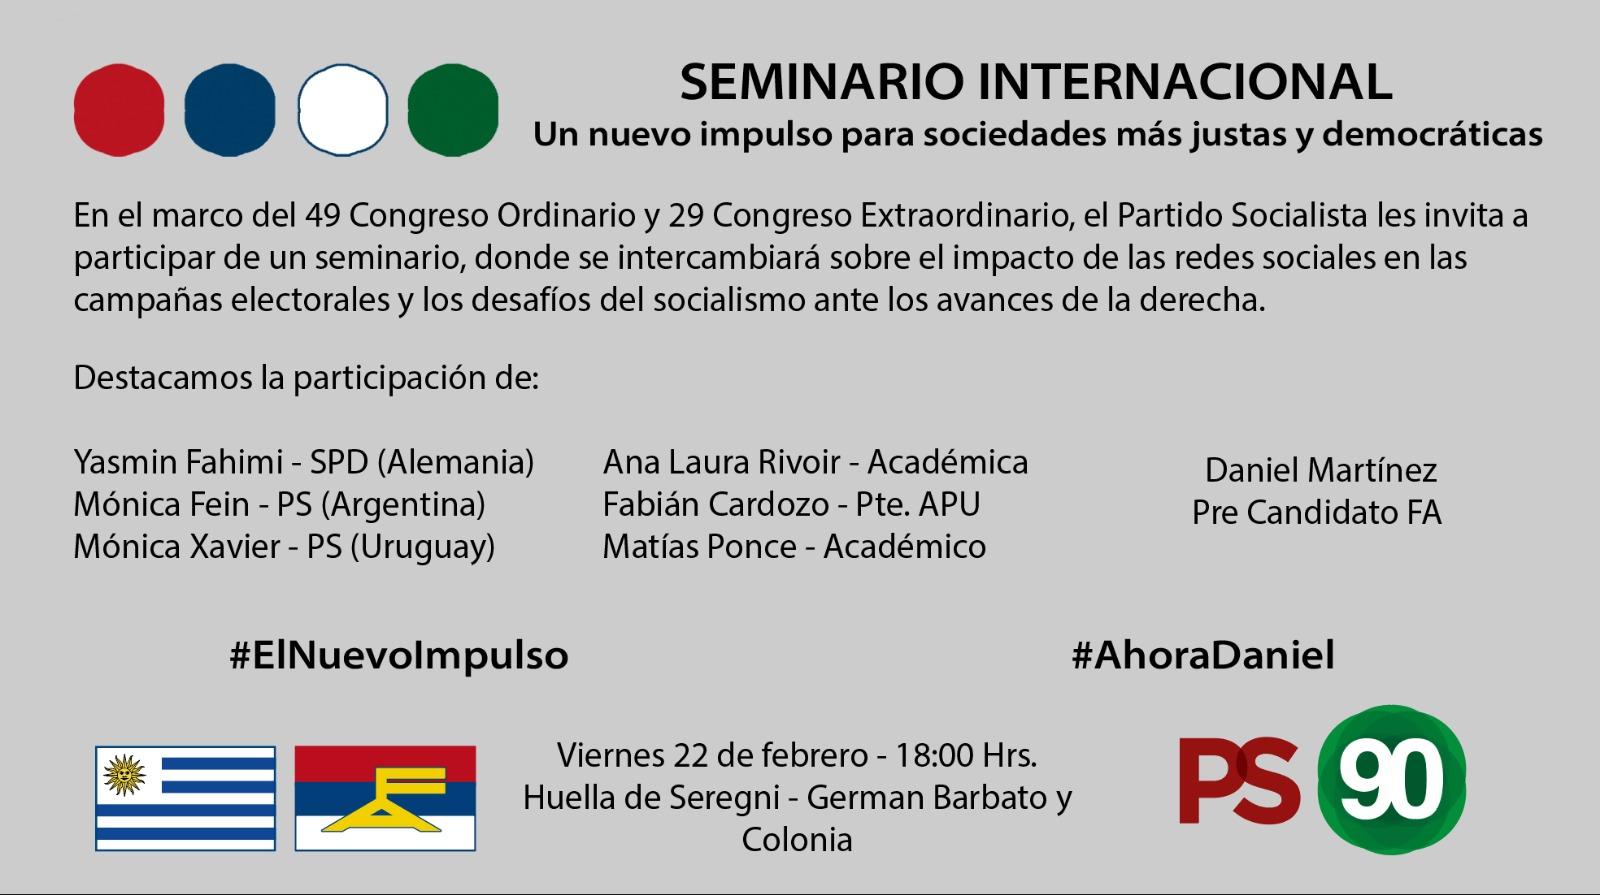 Un Nuevo Impulso Para Sociedades Más Justas Y Democráticas. #SeminarioInternacionalPS